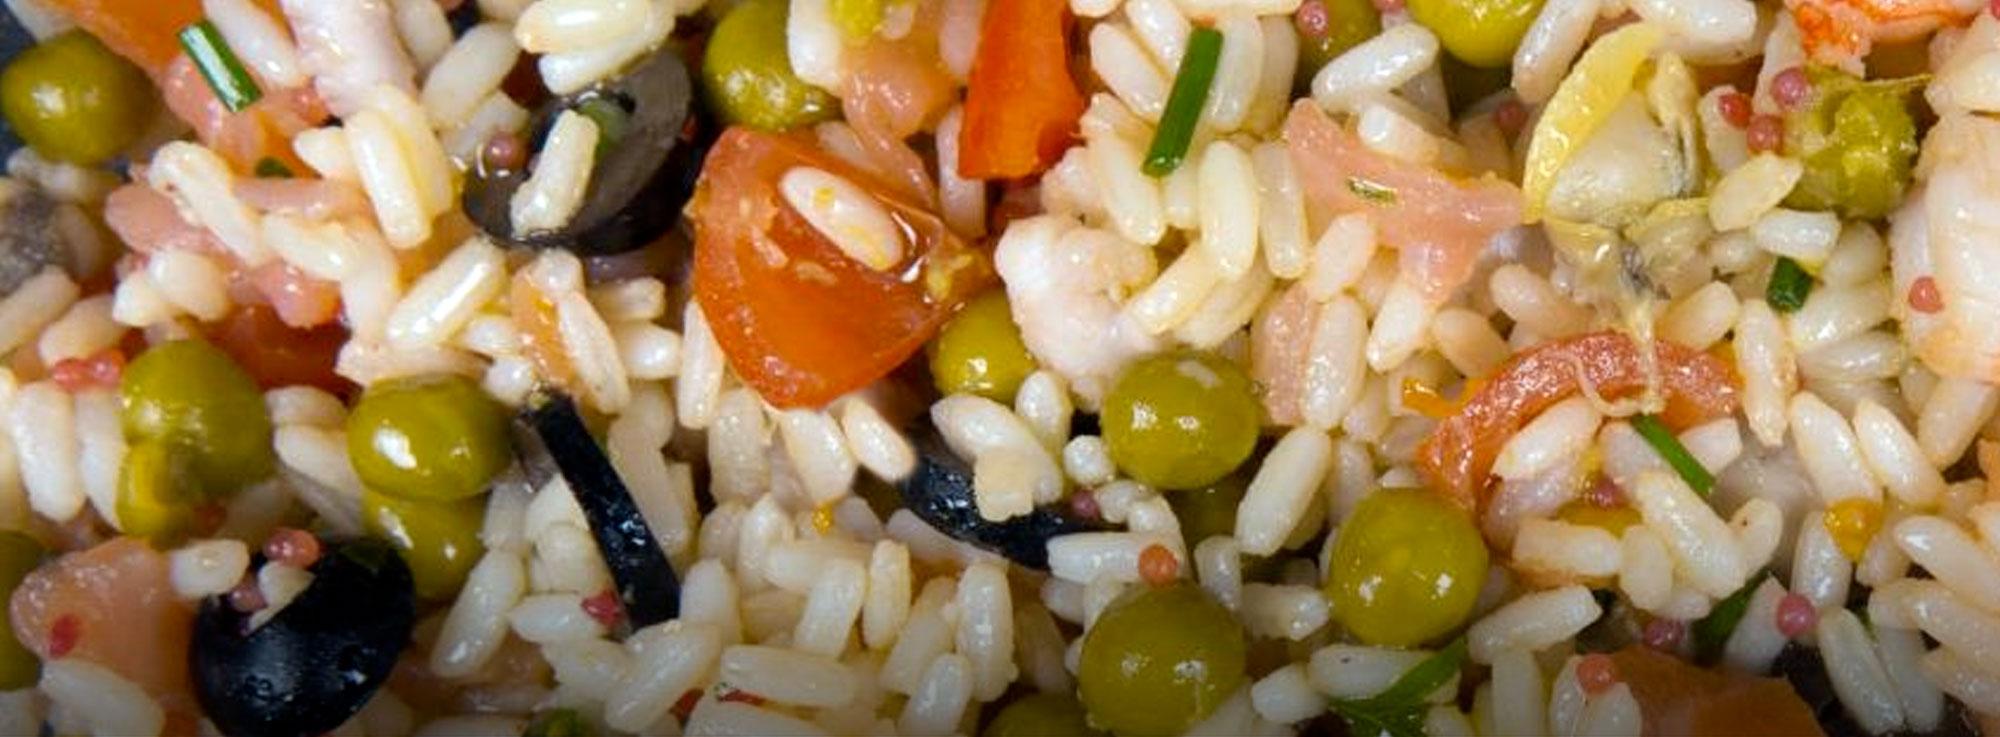 Ricetta: Insalata di riso